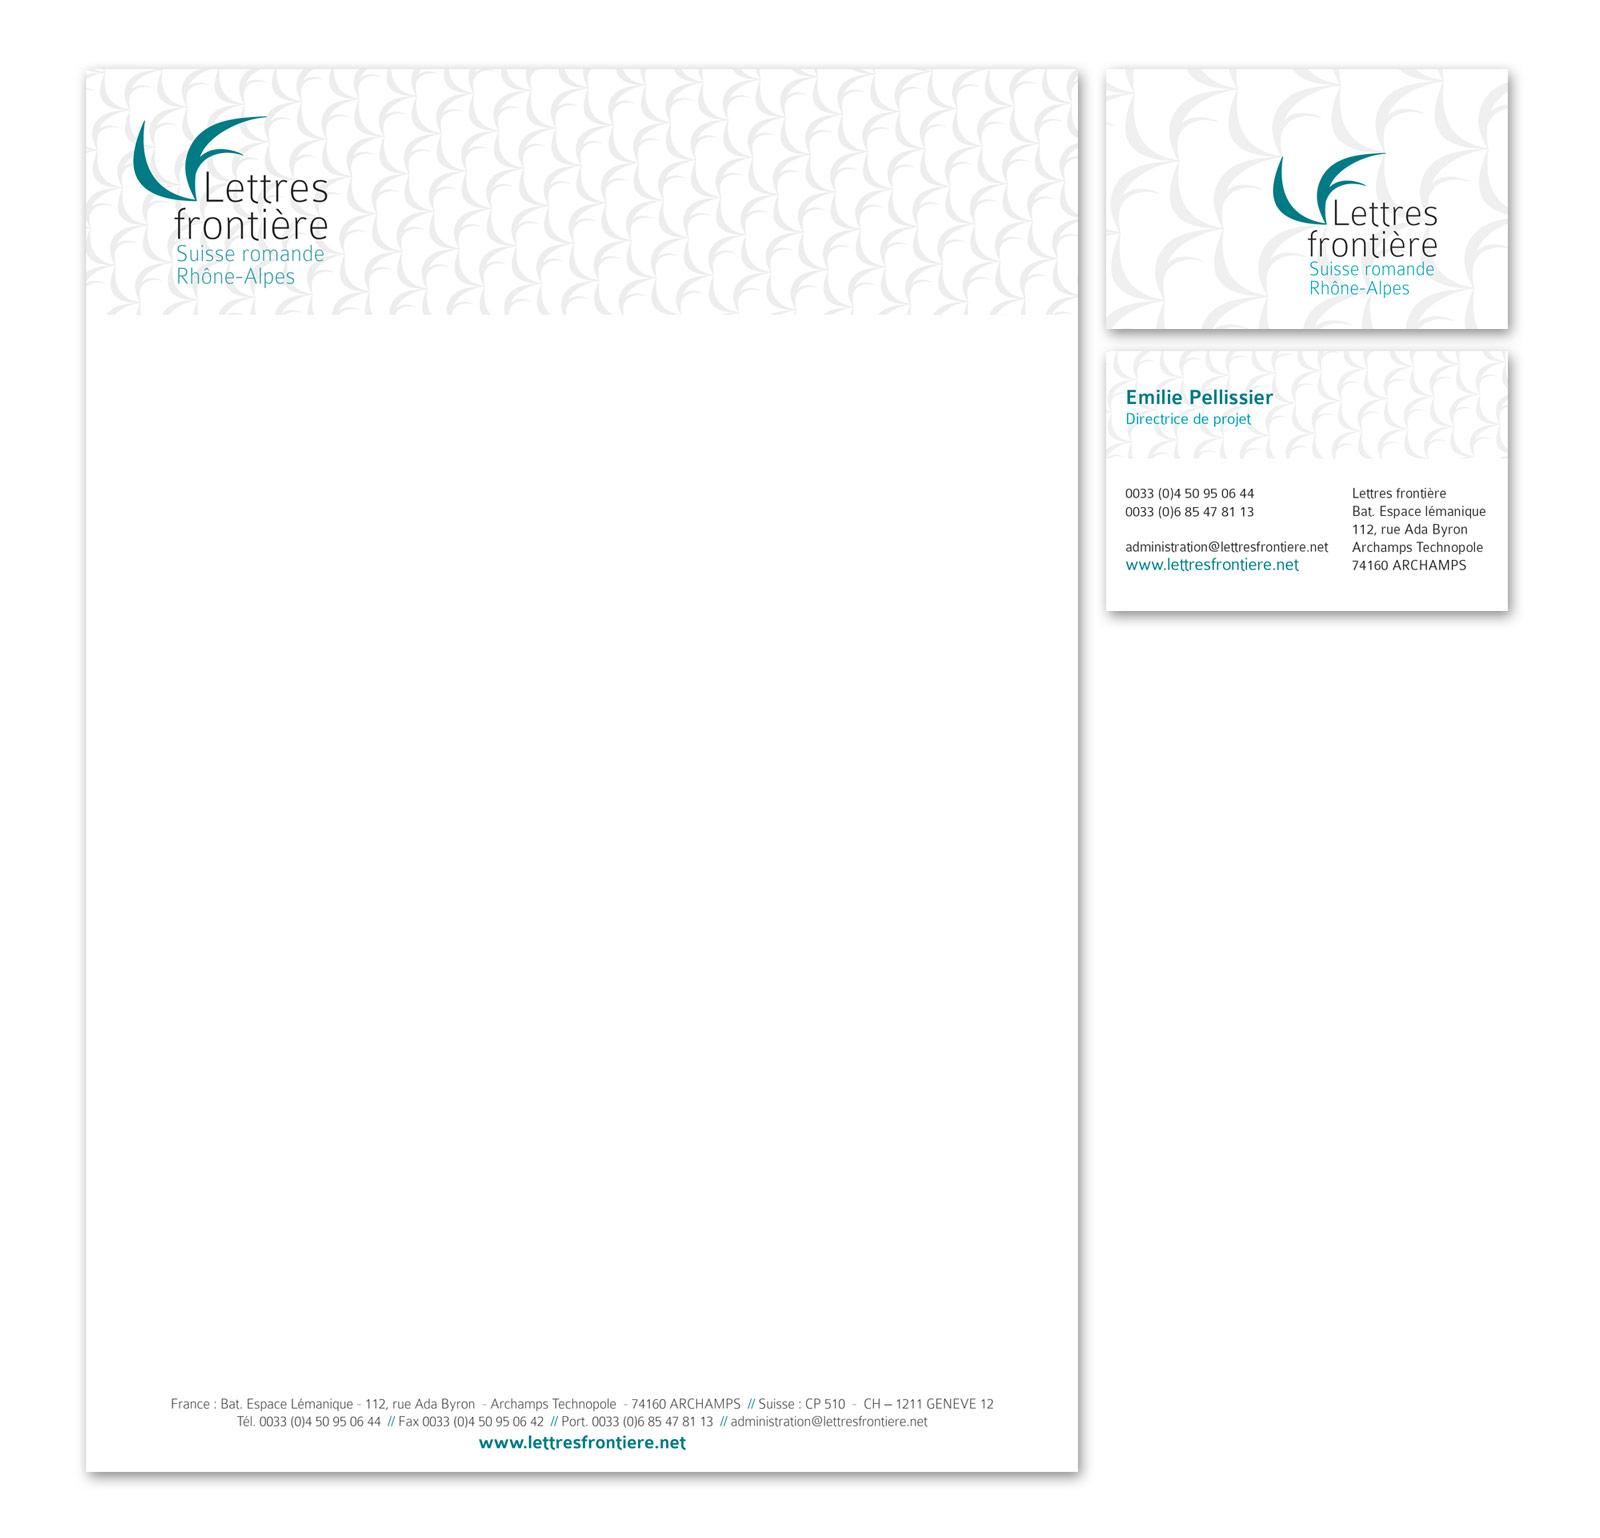 Papier à entête et carte de visite de Lettres frontière